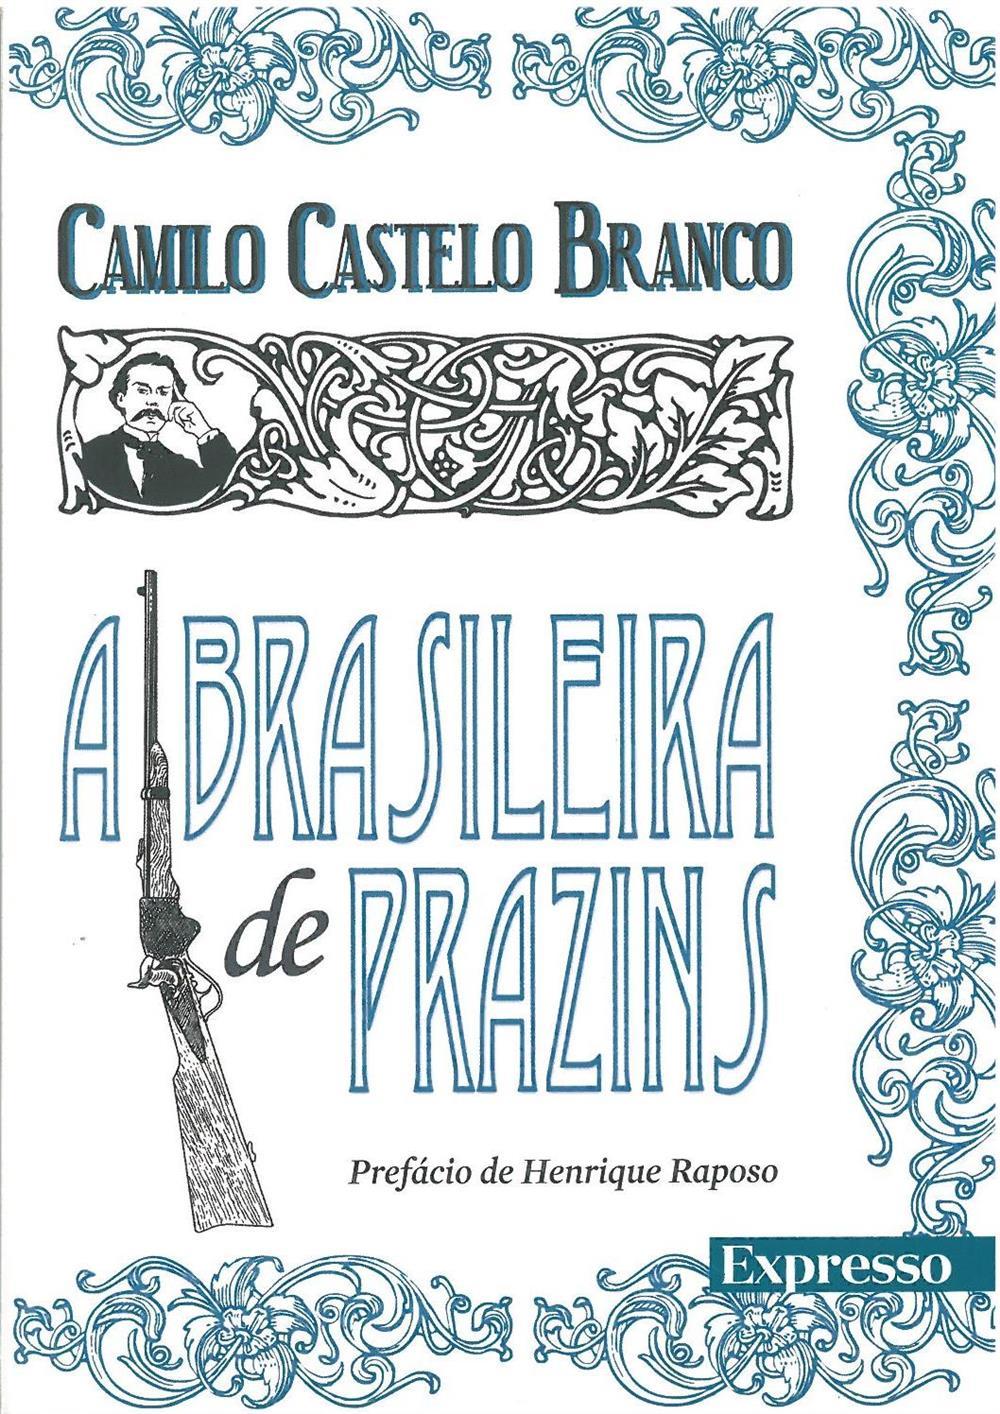 A brasileira de Prazins_.jpg